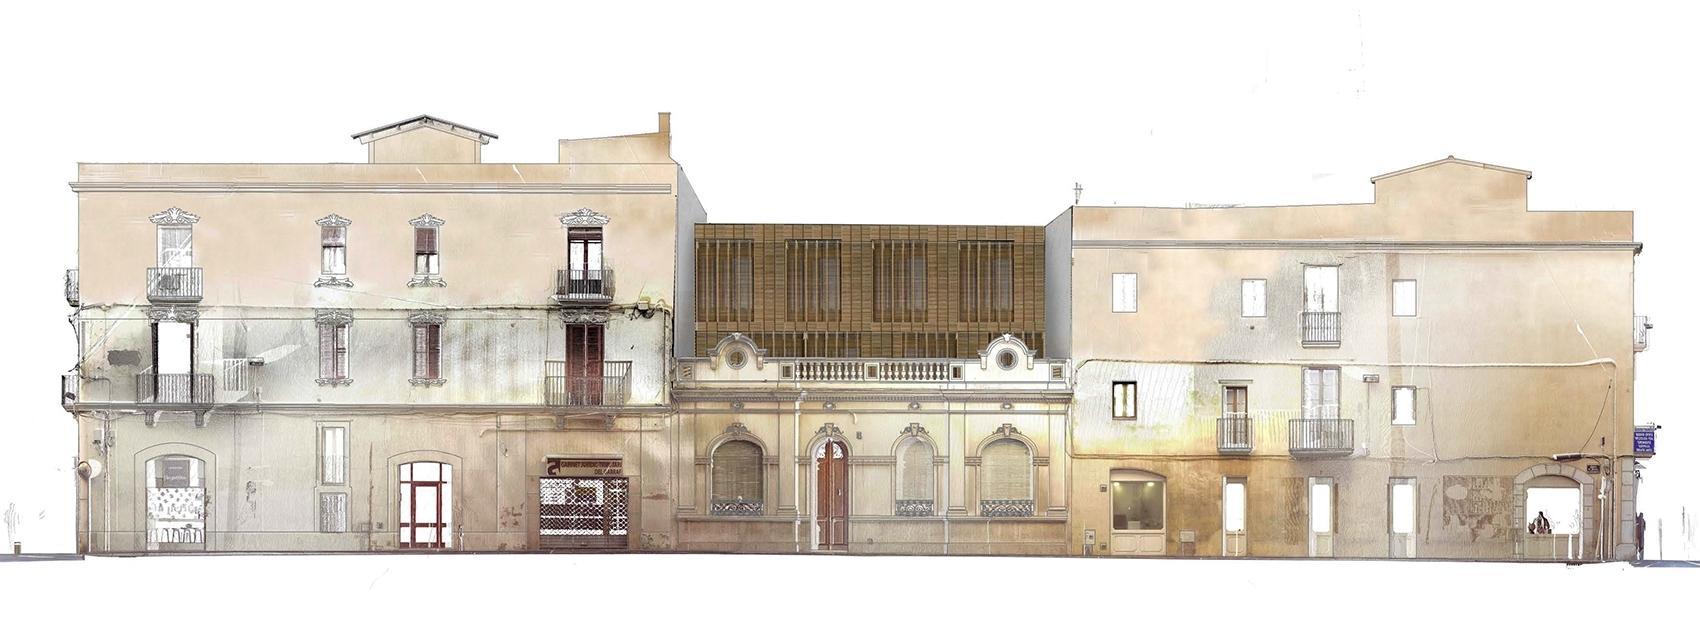 House Vilanova street facade